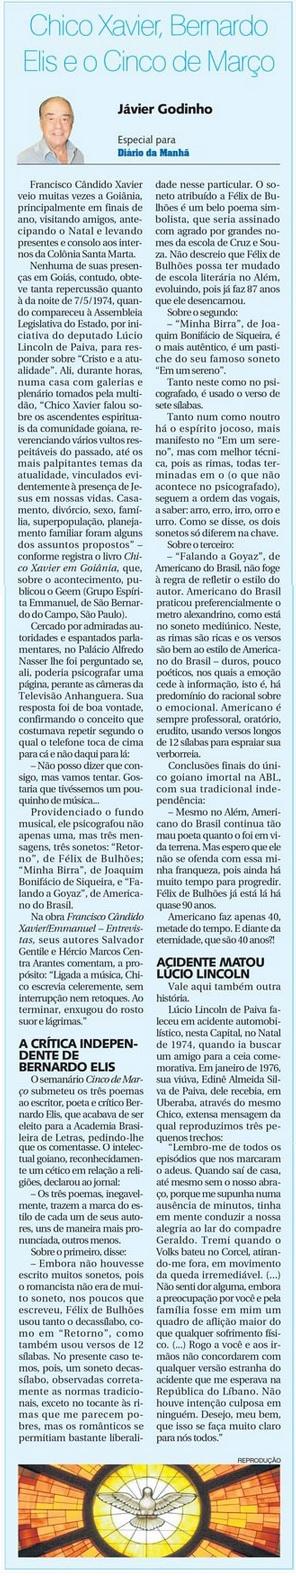 DM 11-02-2015 - Chico Xavier, Bernardo Eliz e o Cinco de Março - Jávier Godinho